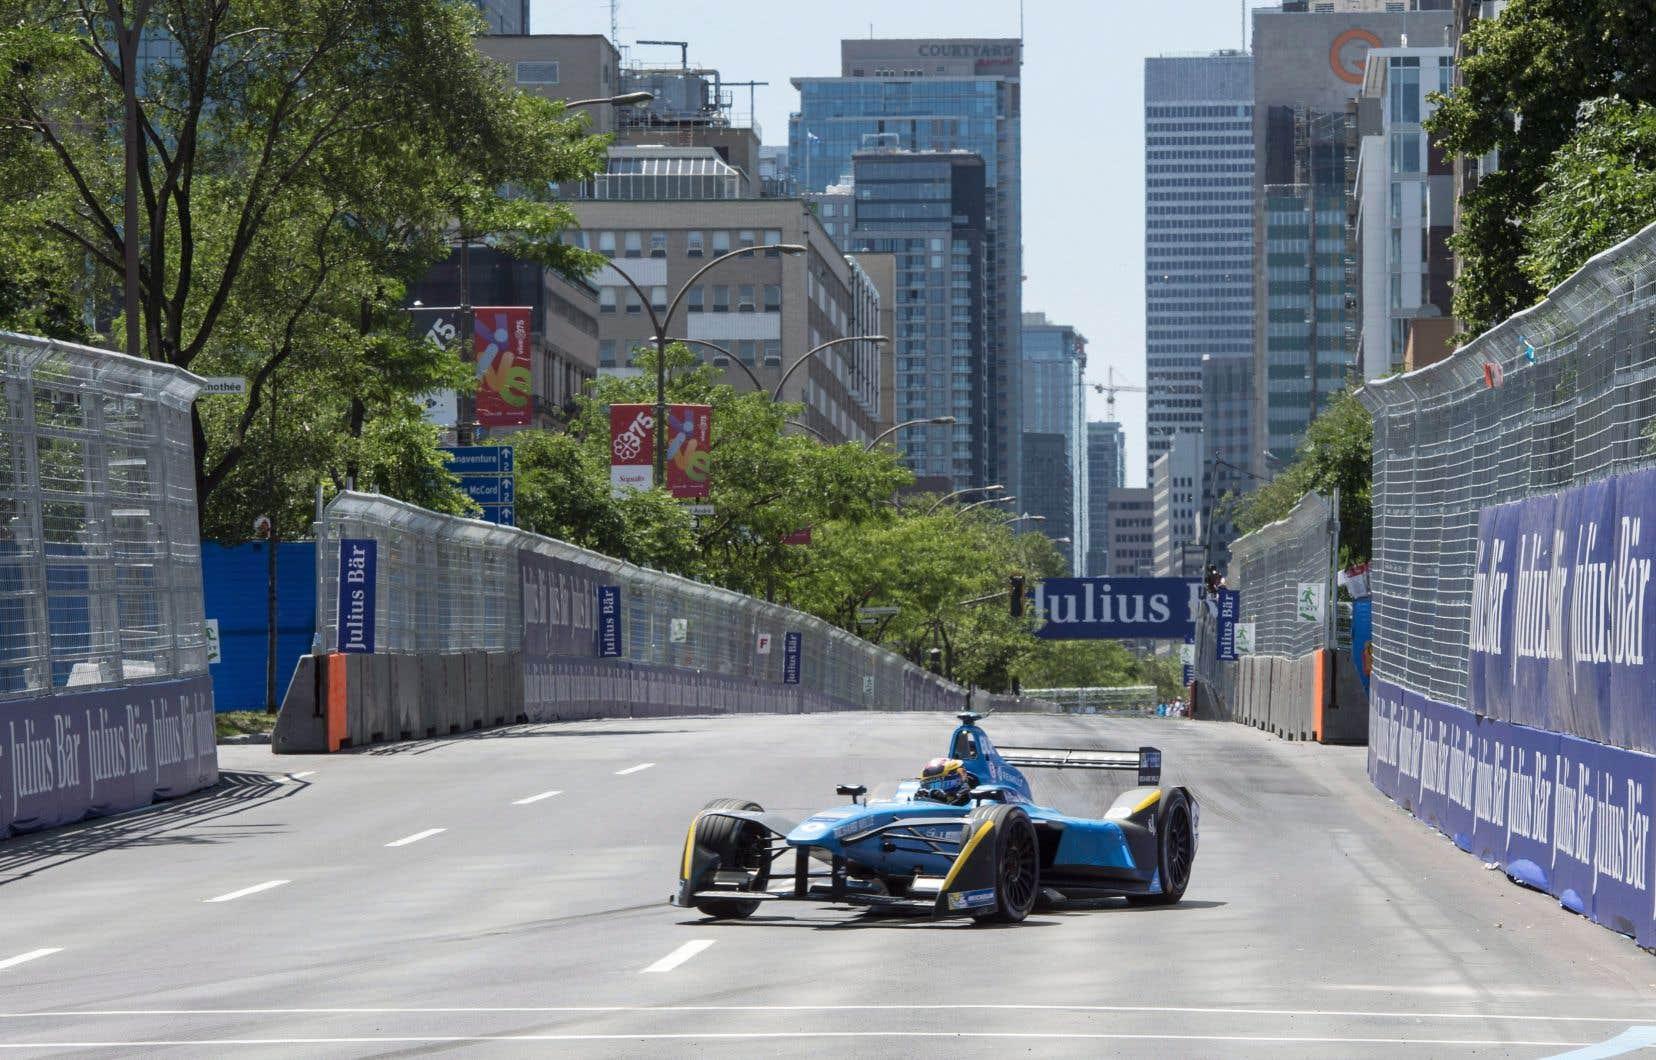 La mairesse Valérie Plante avait qualifié la Formule E de «fiasco financier» et disait souhaiter «mettre fin à l'hémorragie».